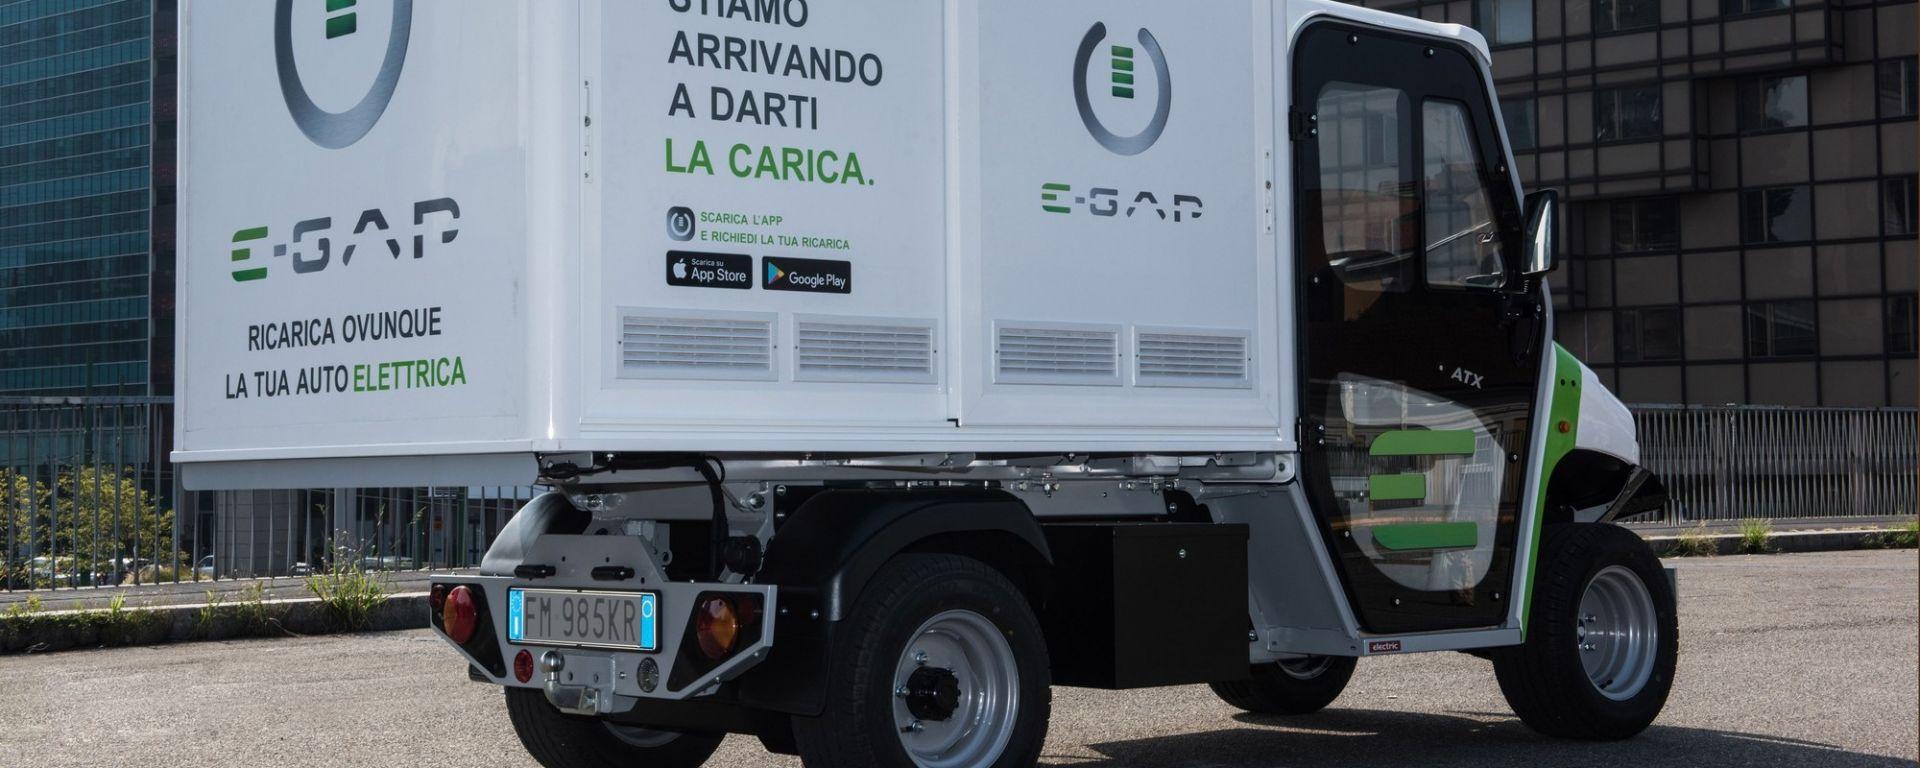 Auto elettrica, a Milano debutta E-GAP